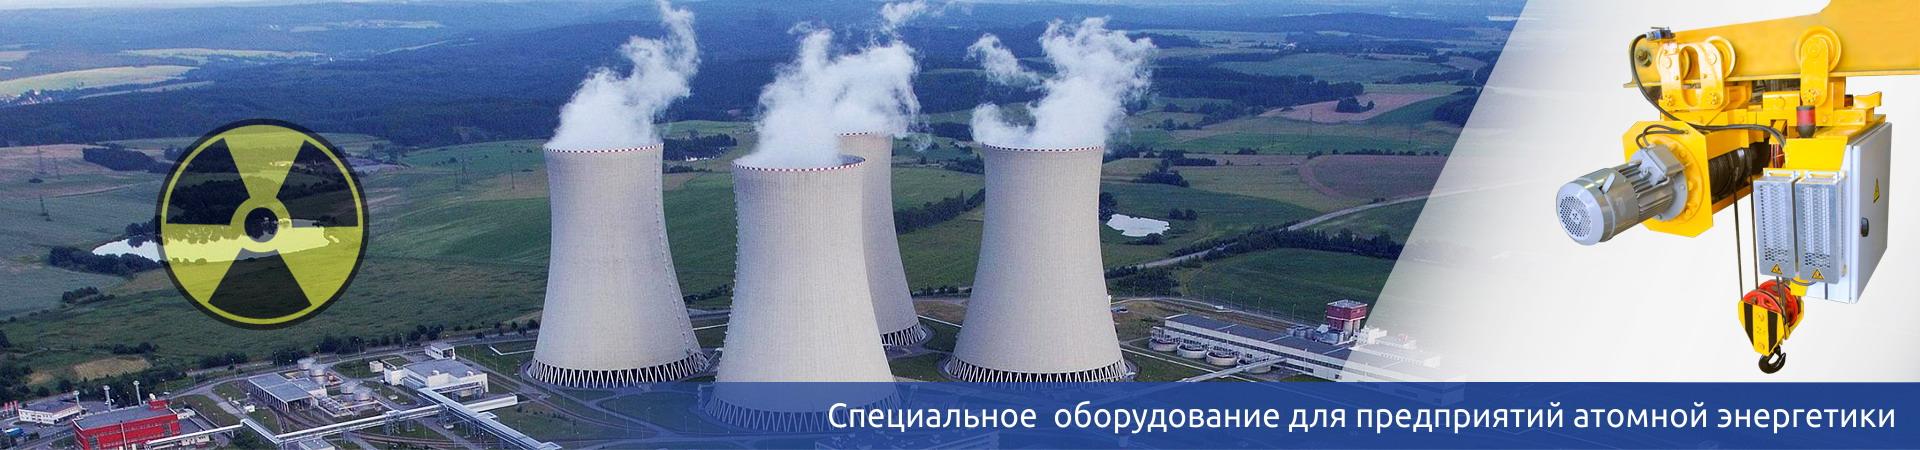 атомный банер